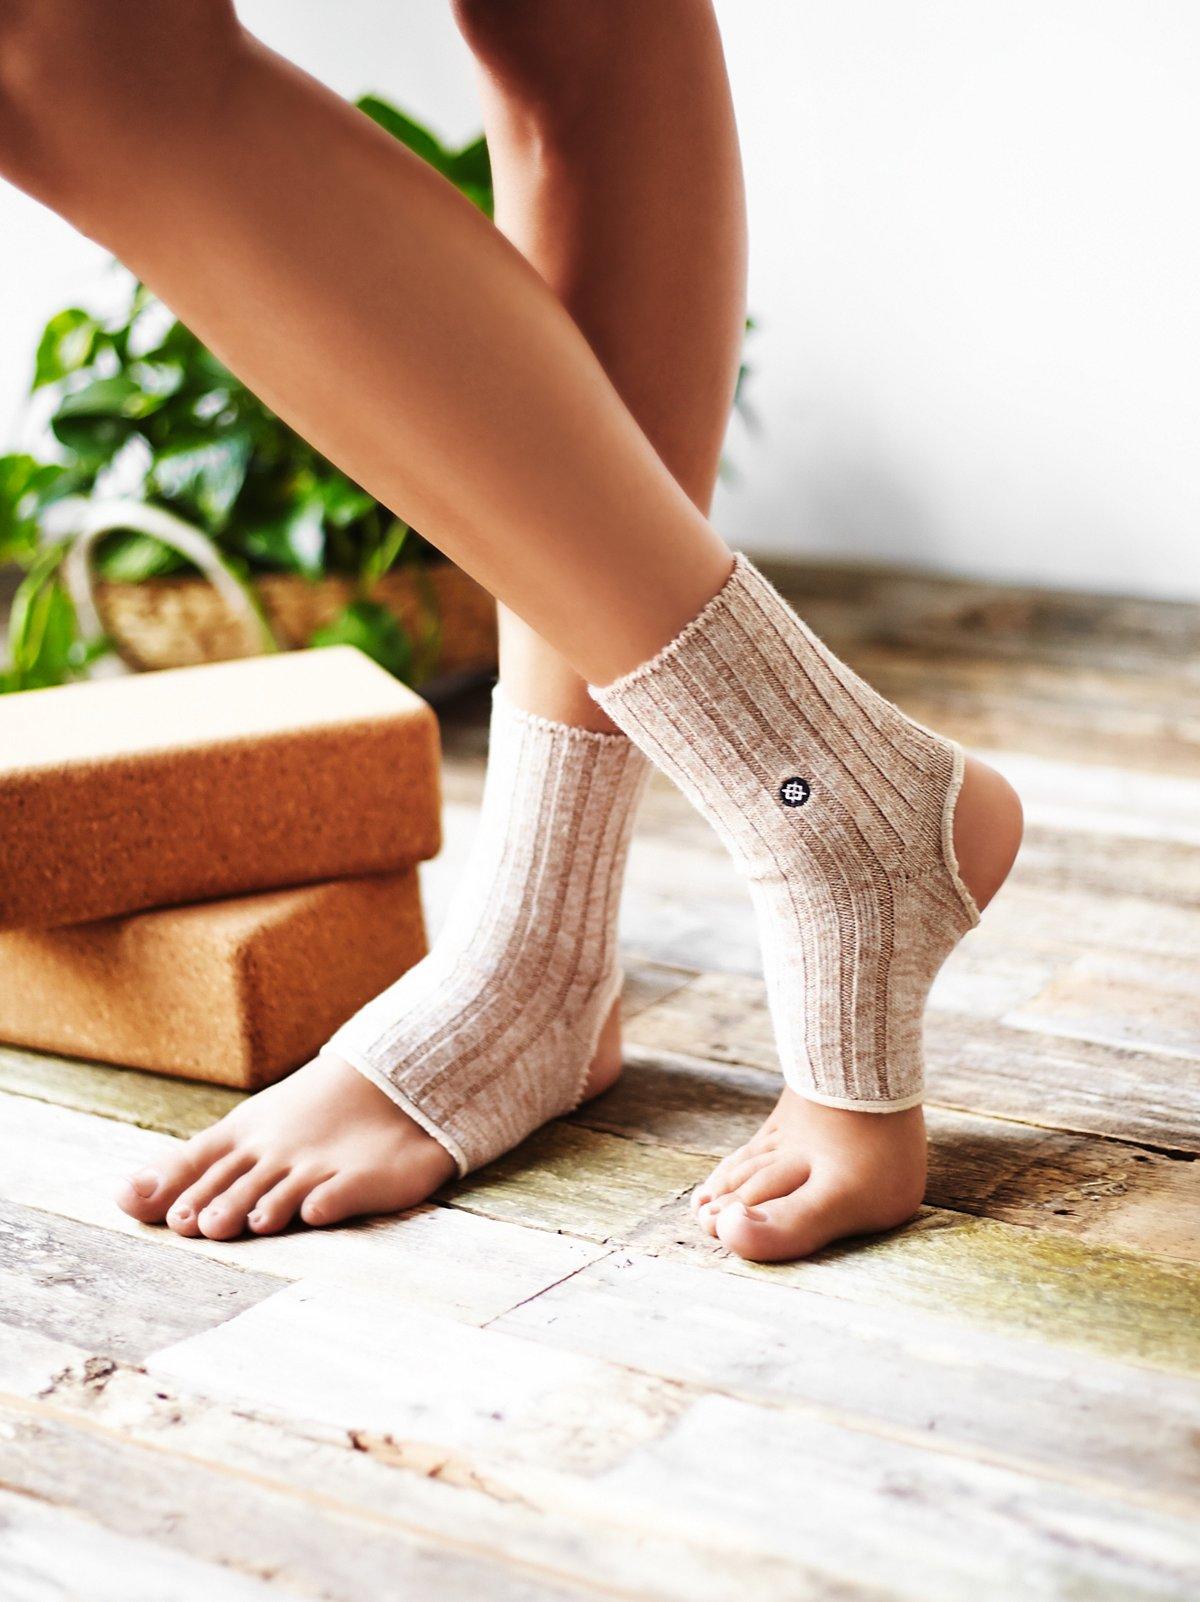 Dharma瑜伽袜